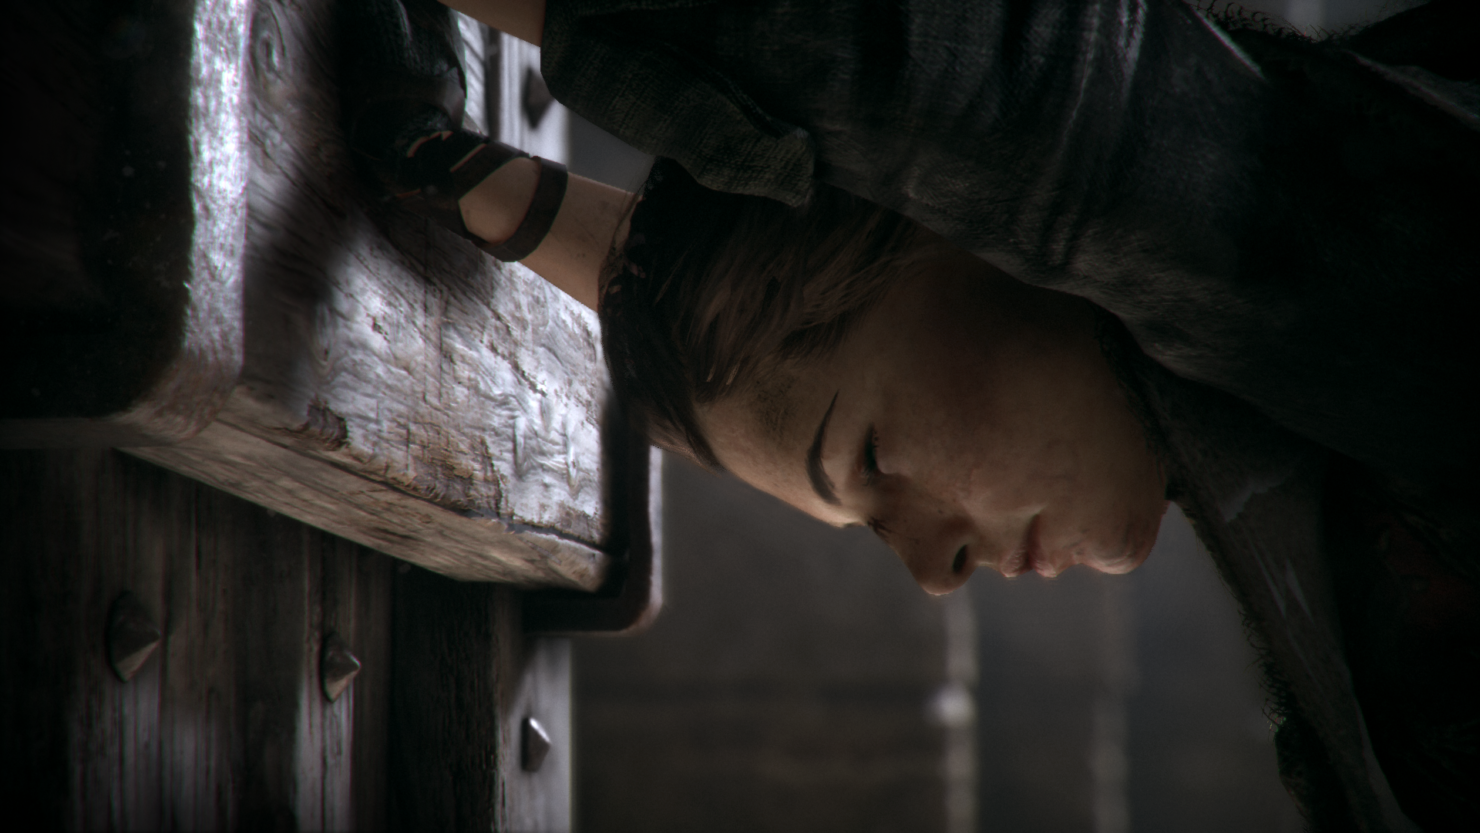 plague-tale-innocence-new-screenshots-screenshot-14